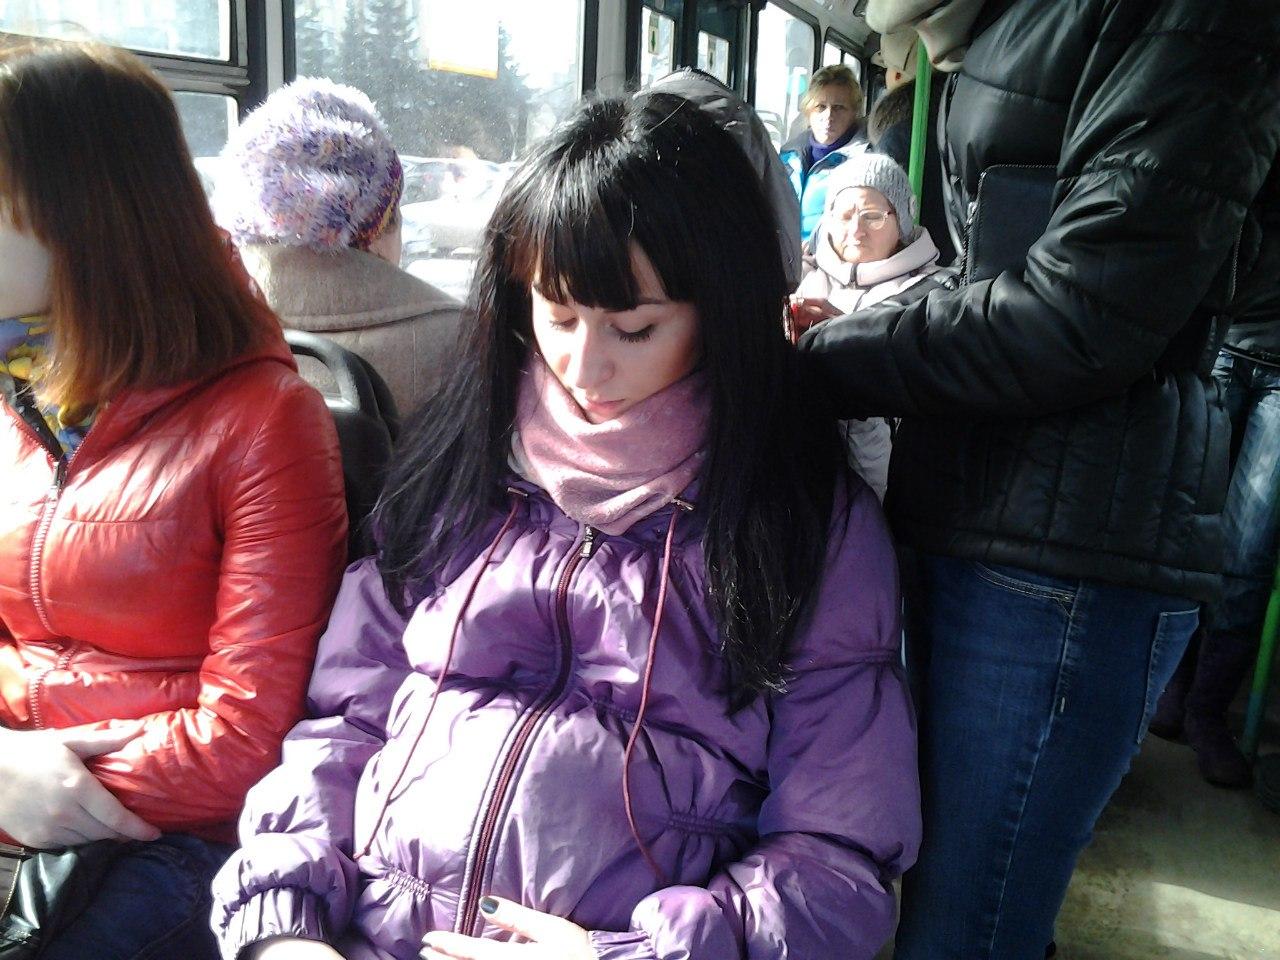 Член встал в транспорте 24 фотография